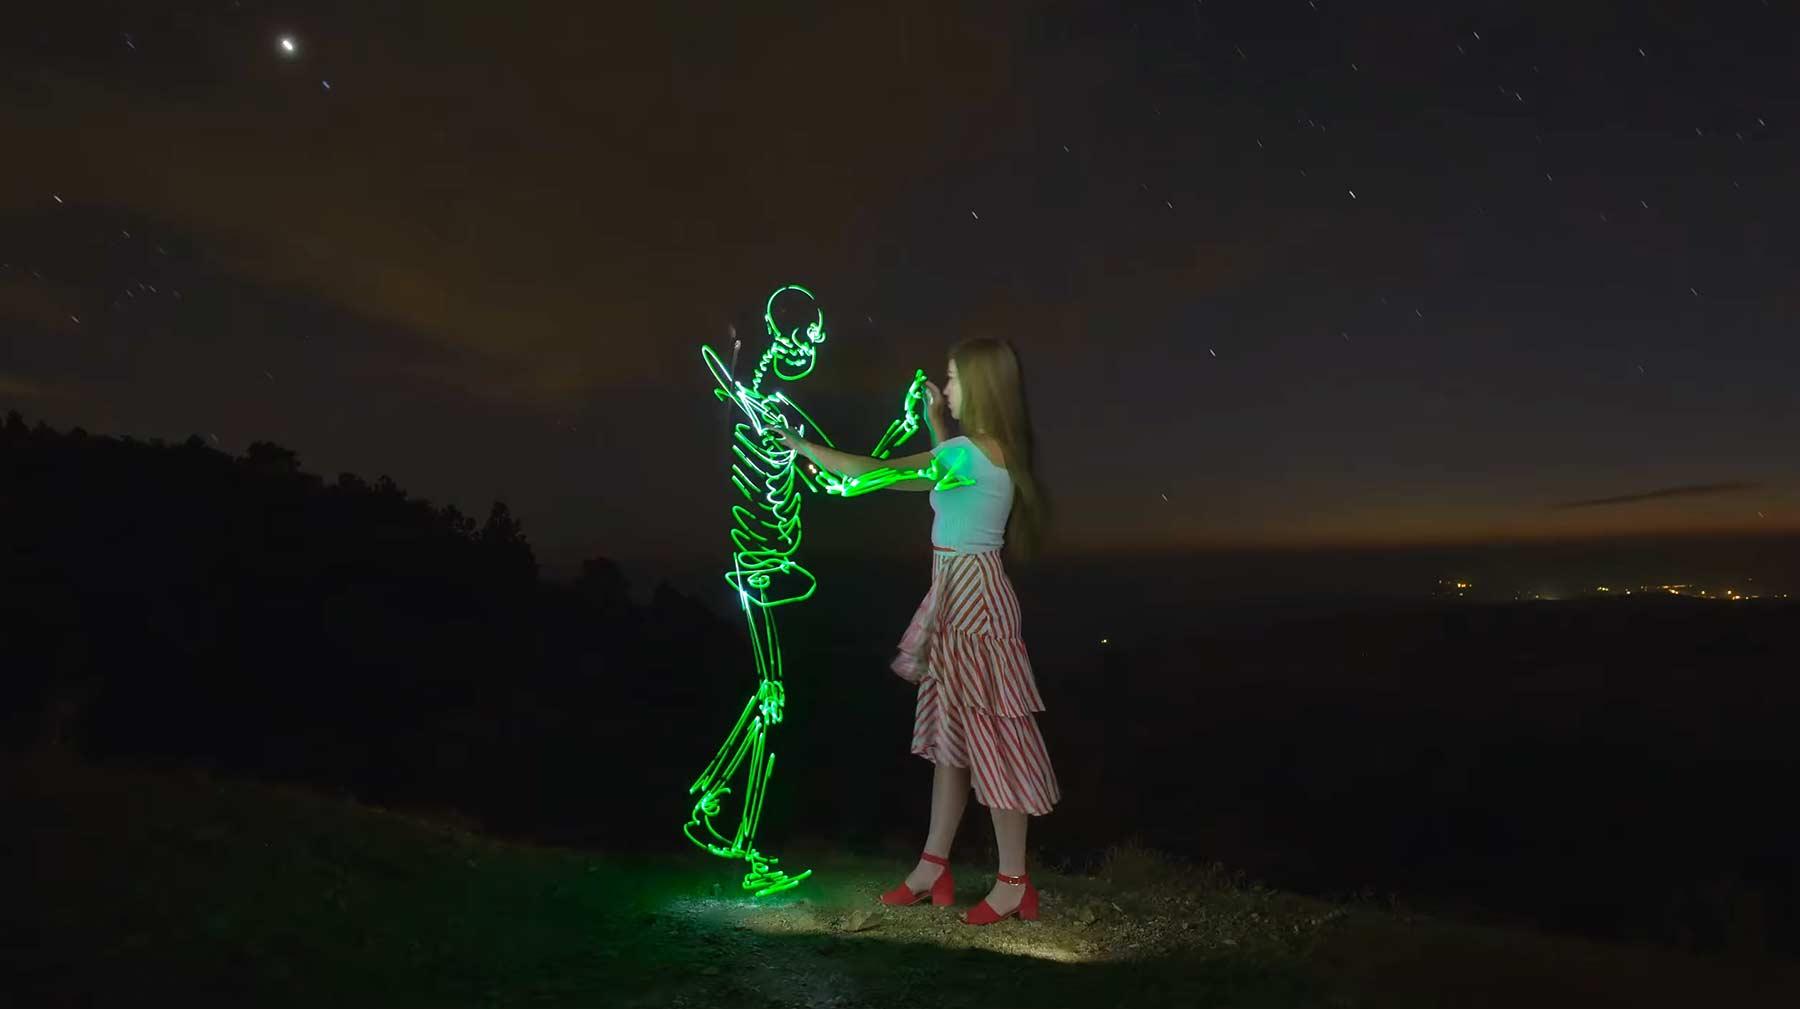 Schönes Langzeitbelichtungs-Stopmotion-Video she-lights-the-night-langzeitbelichtungsvideo